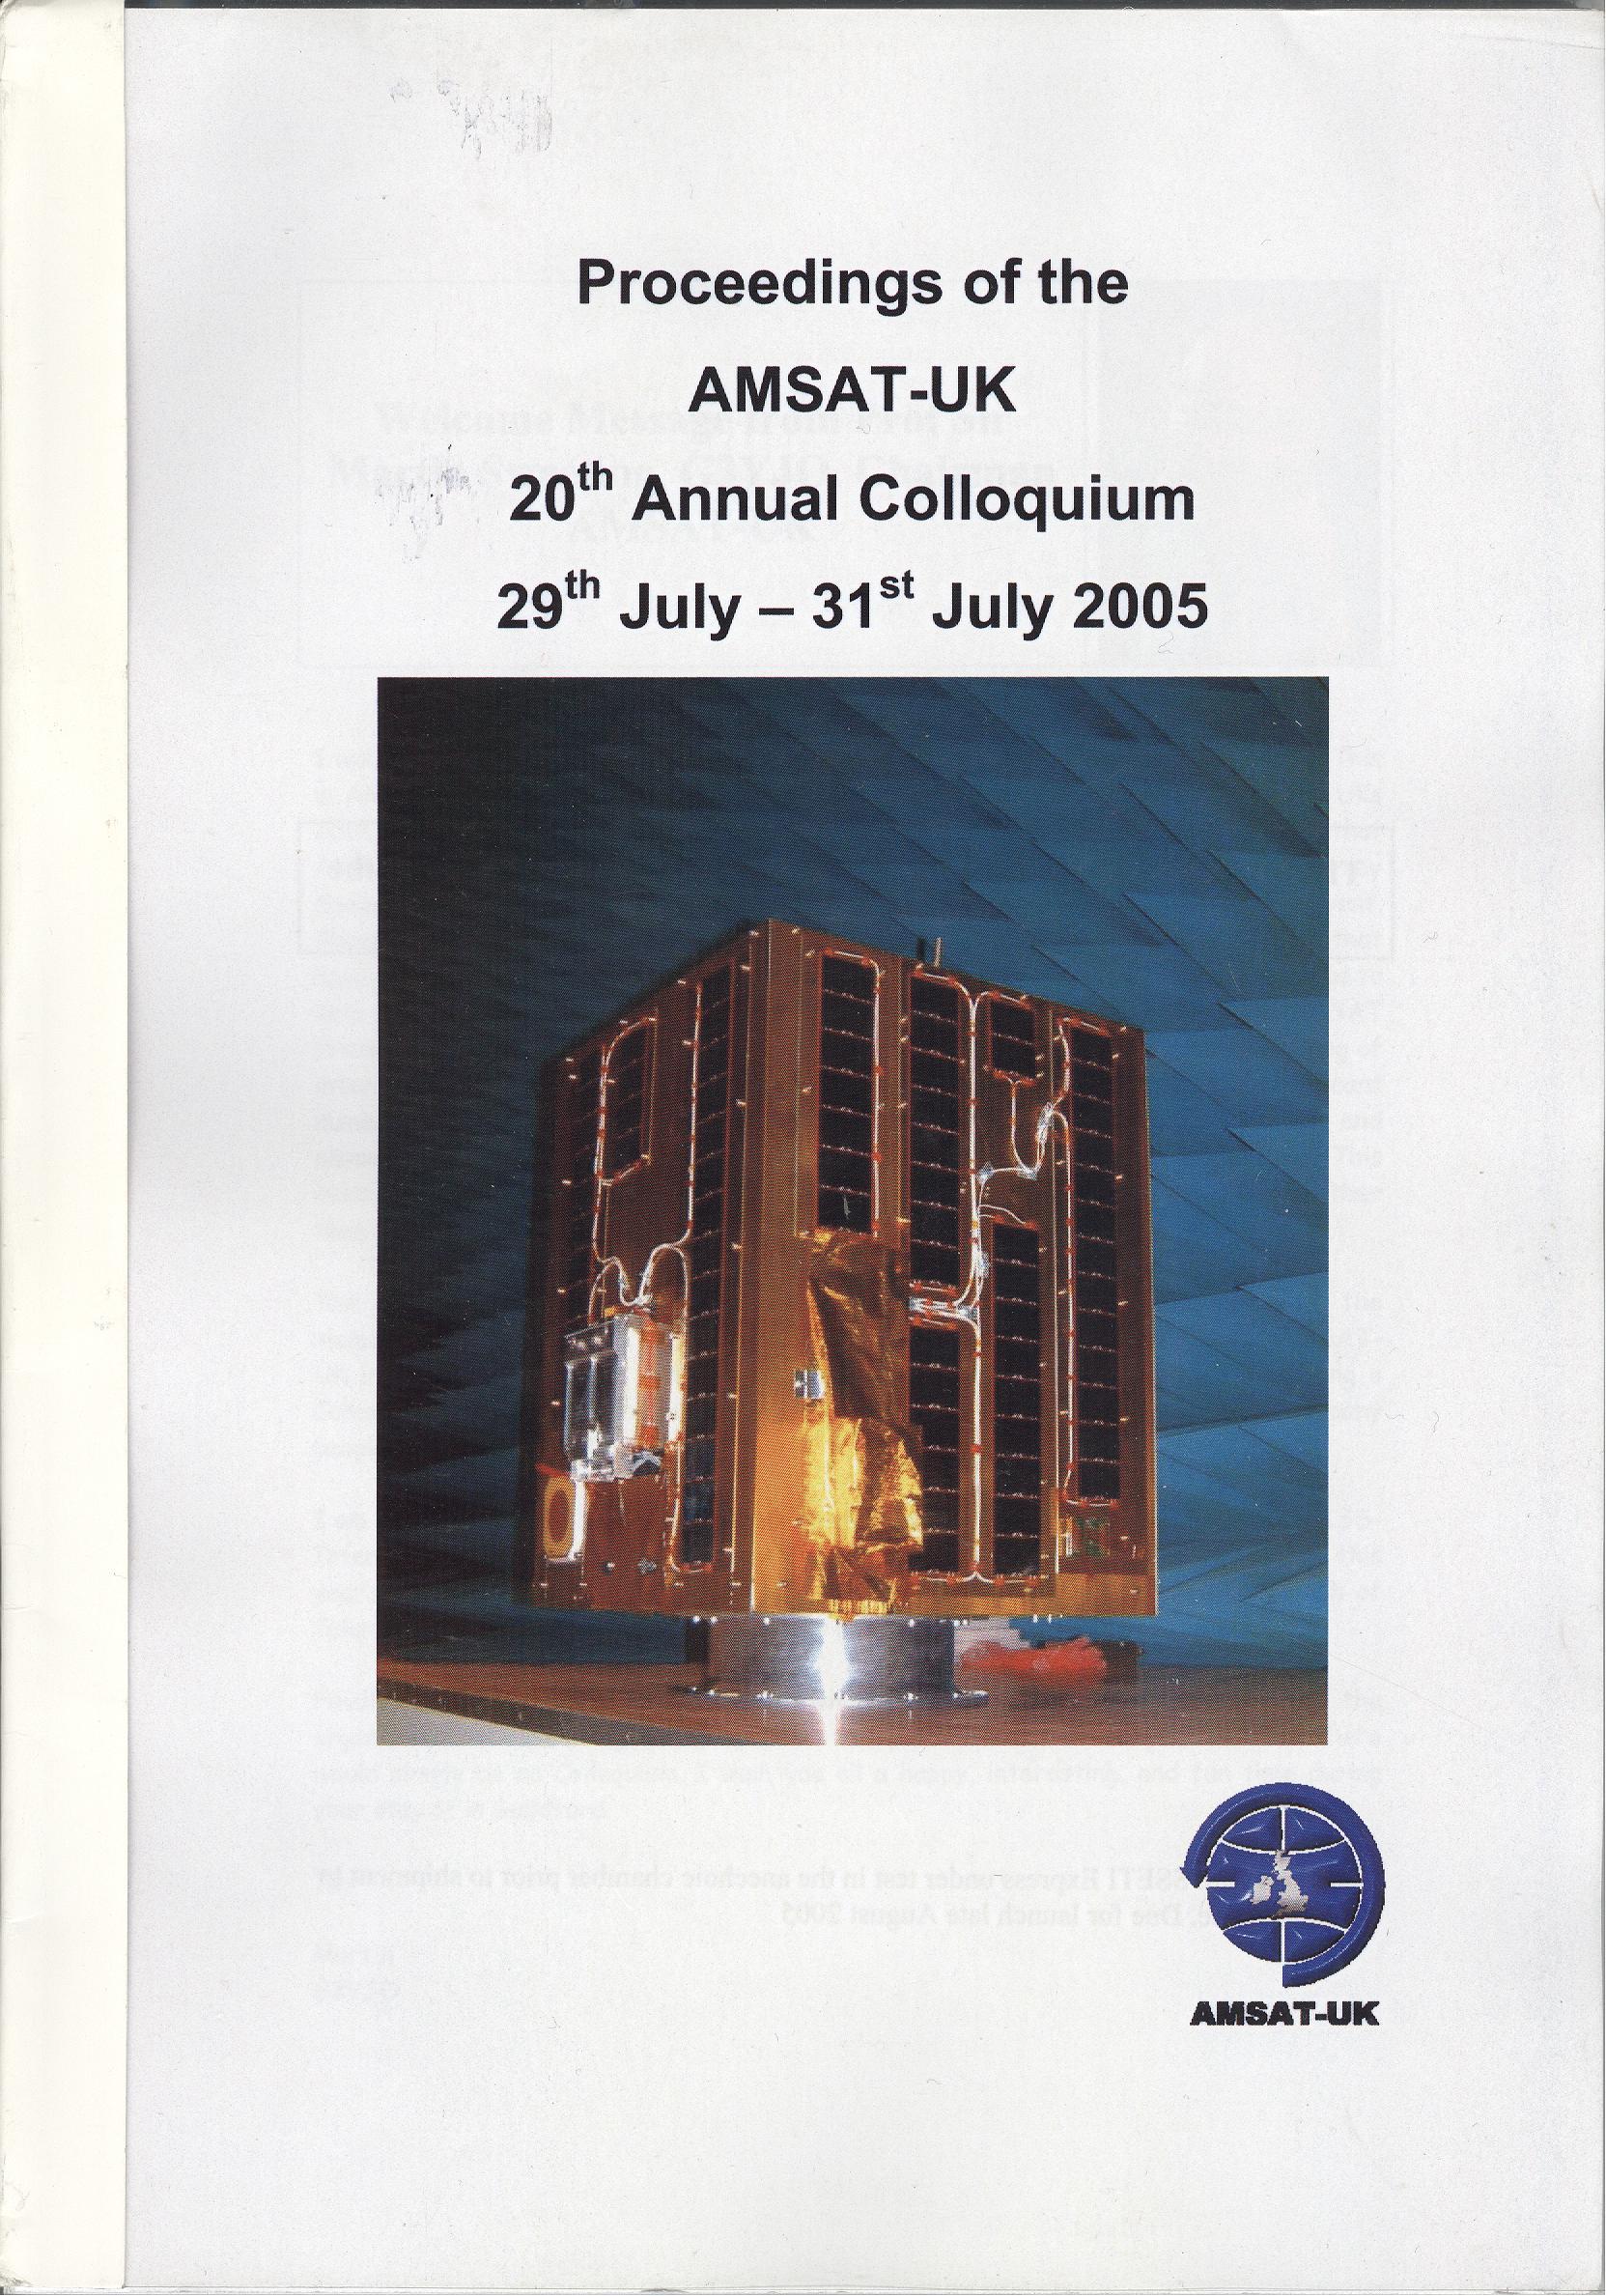 The Proceedings of the 20th AMSAT-UK Colloquium 2005